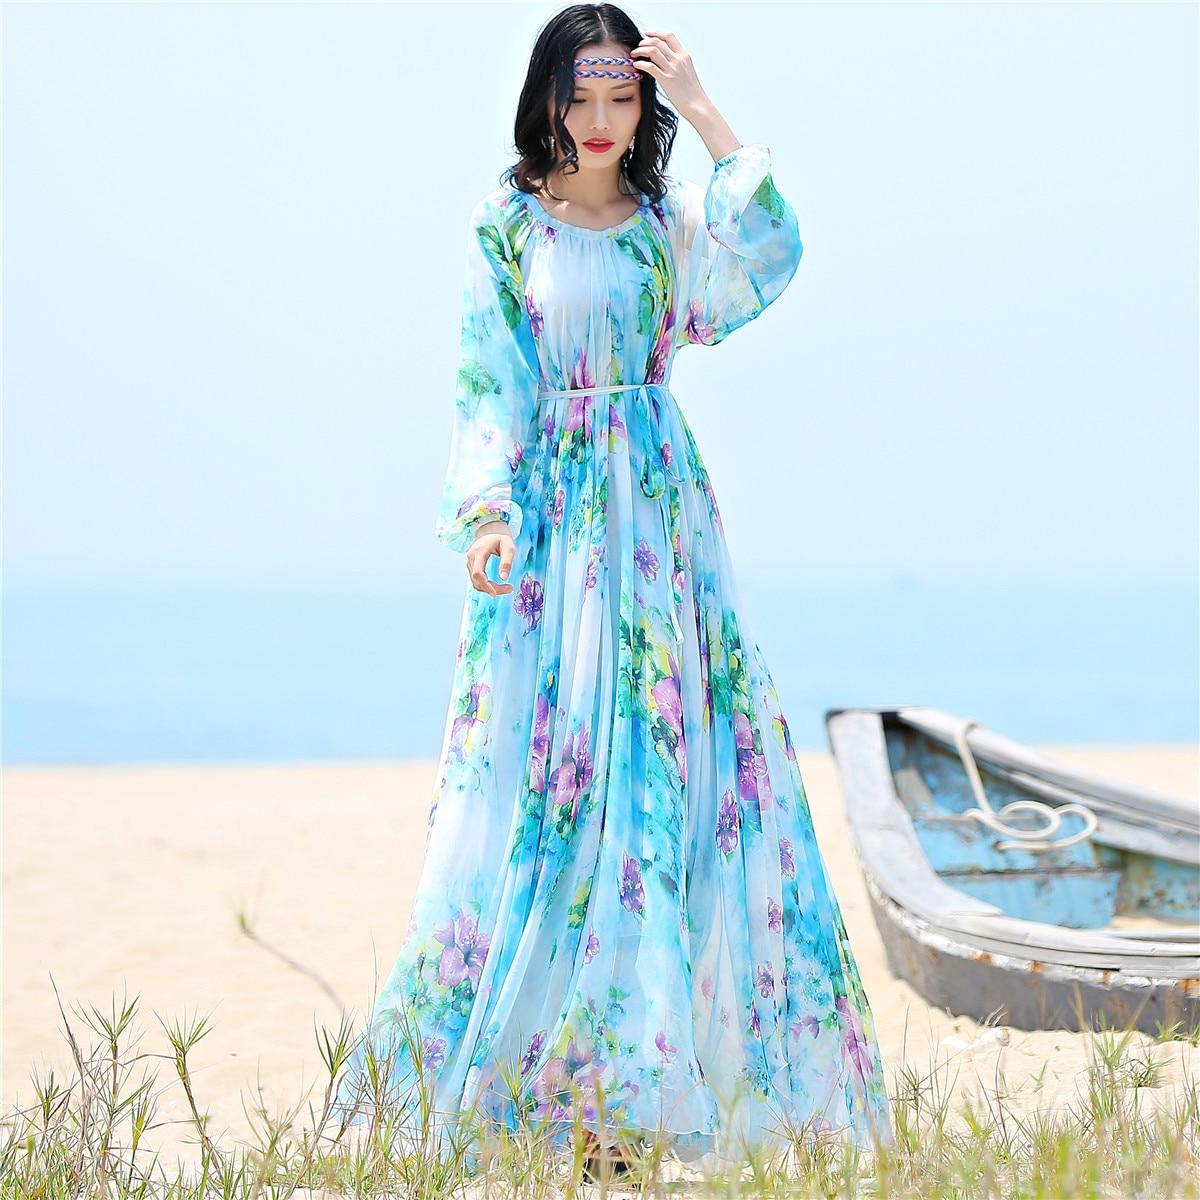 2019 mousseline de soie à manches longues robe maxi bohême robe pleine grande taille celebrity/graduation/robe de soirée robe de plage